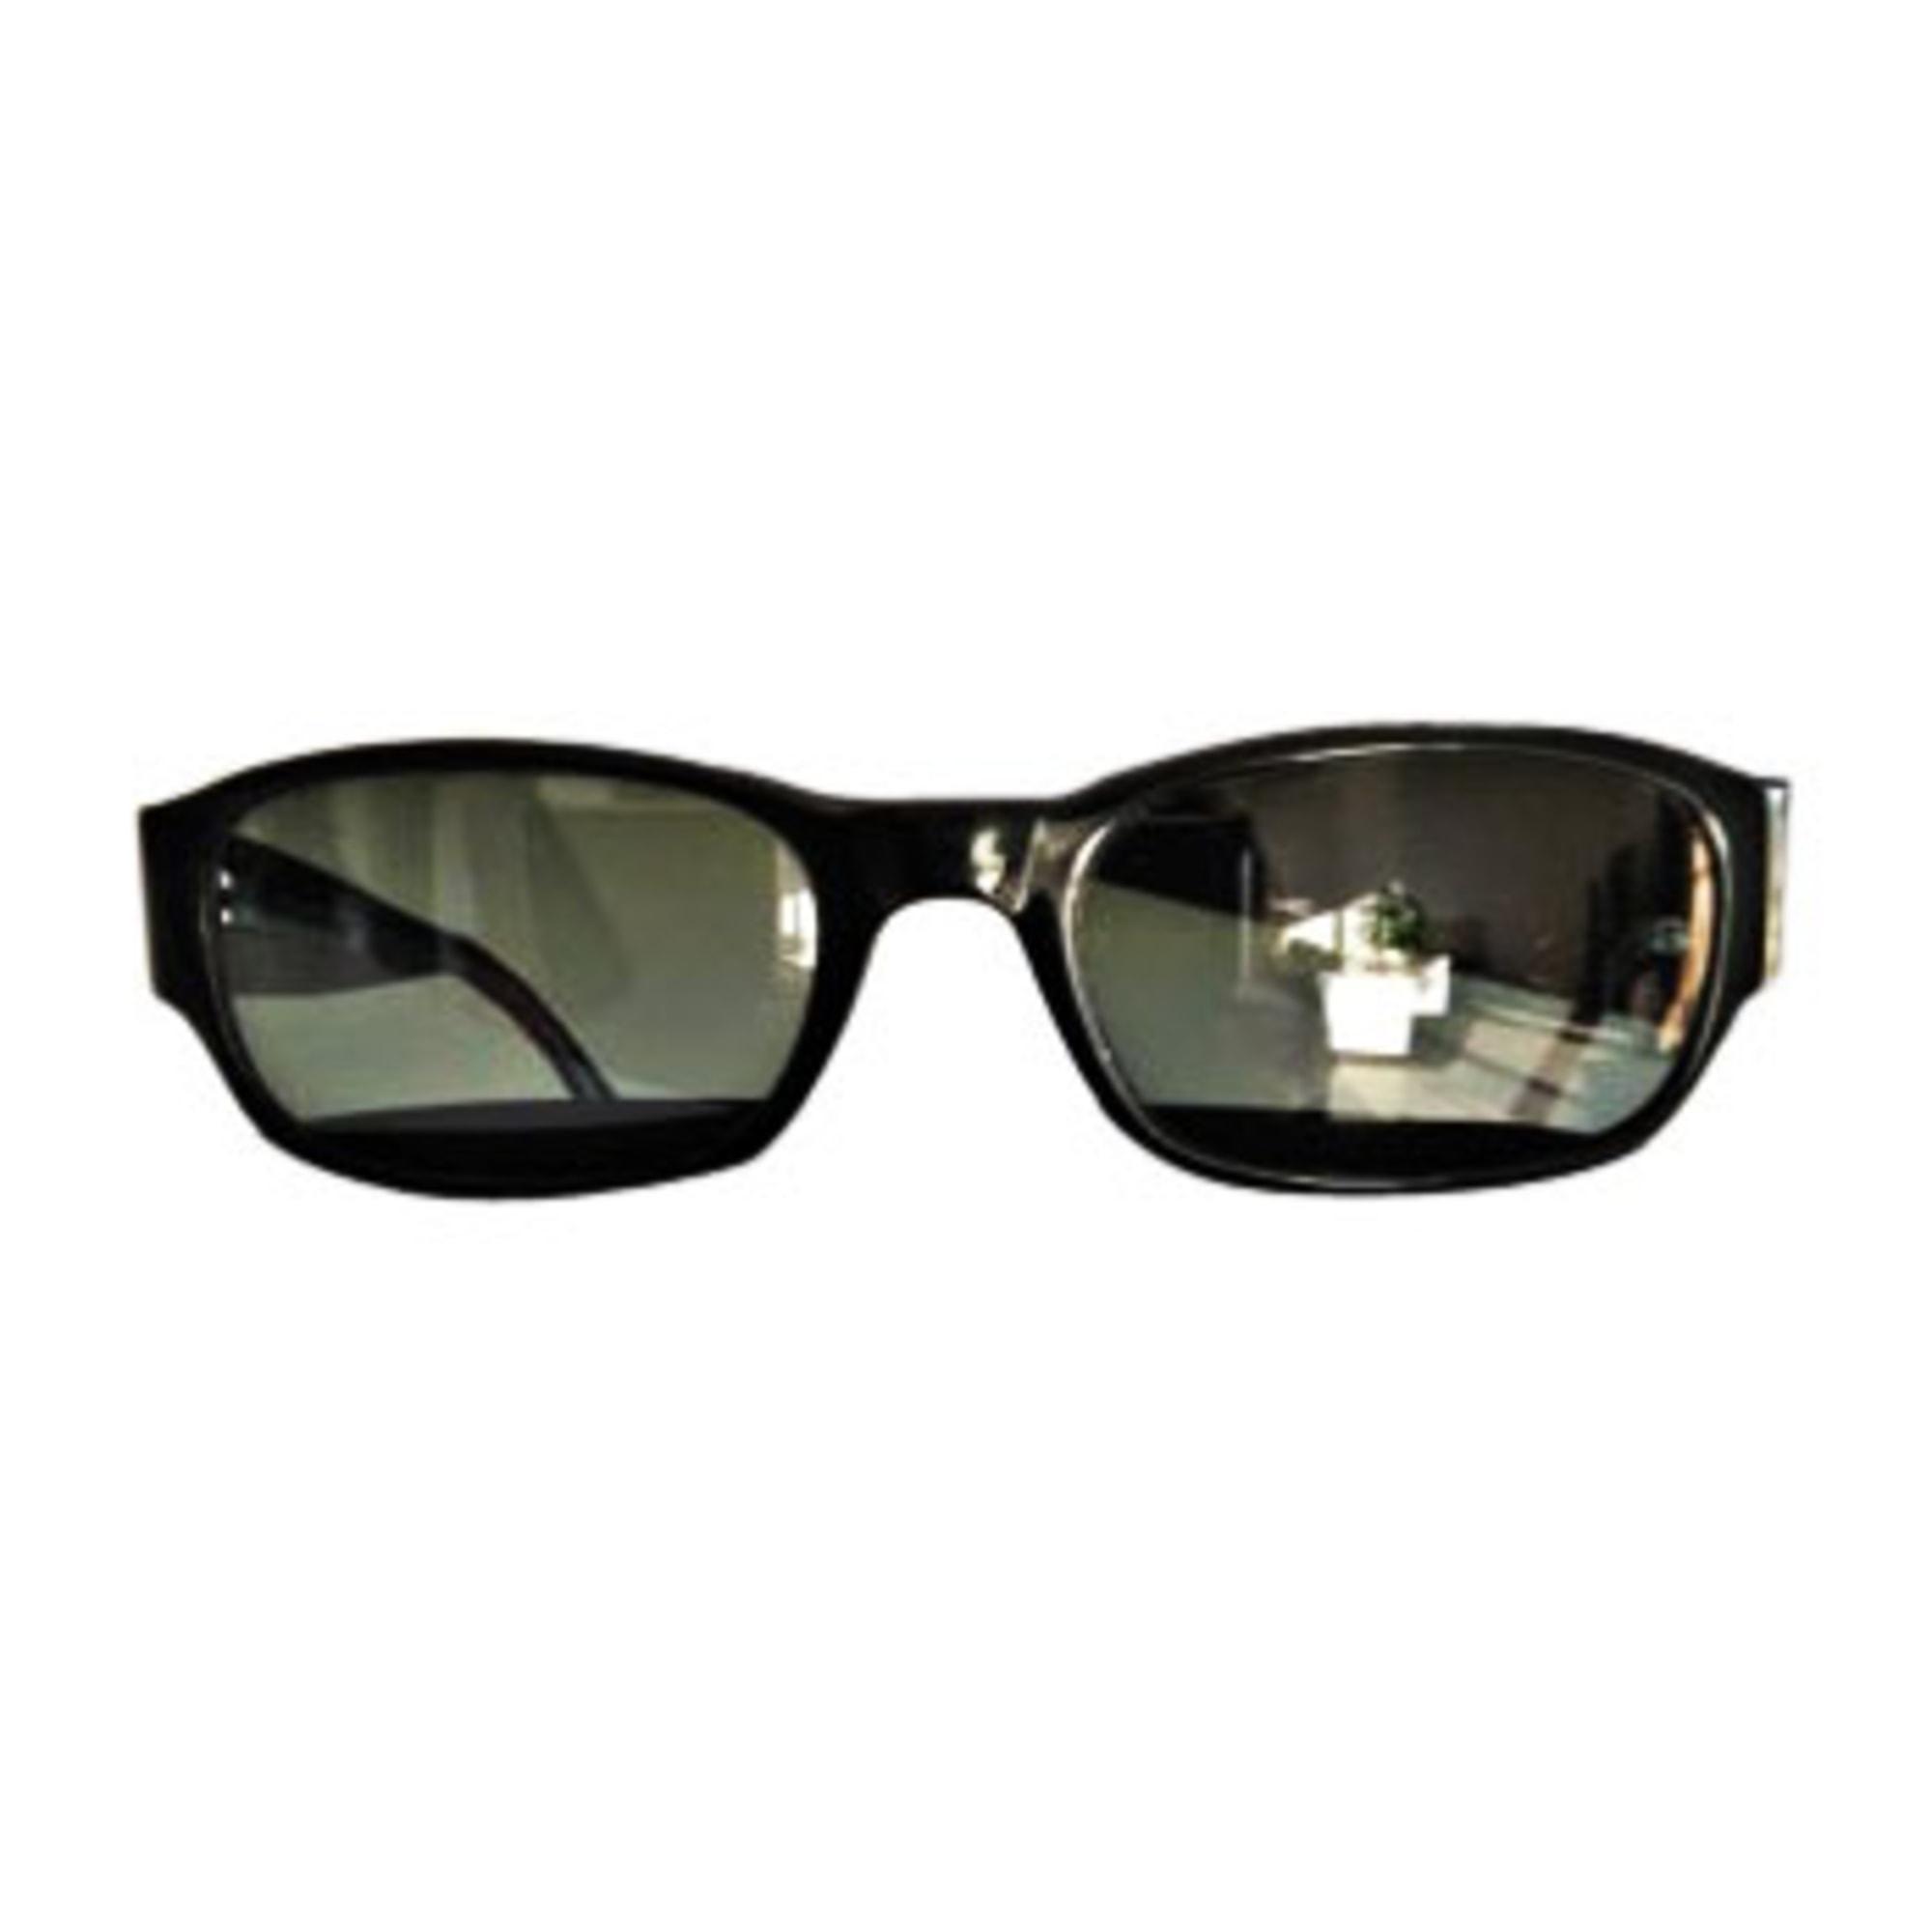 2d2d3ce5be Lunettes de soleil GIORGIO ARMANI noir vendu par Fany 18535967 - 2314581